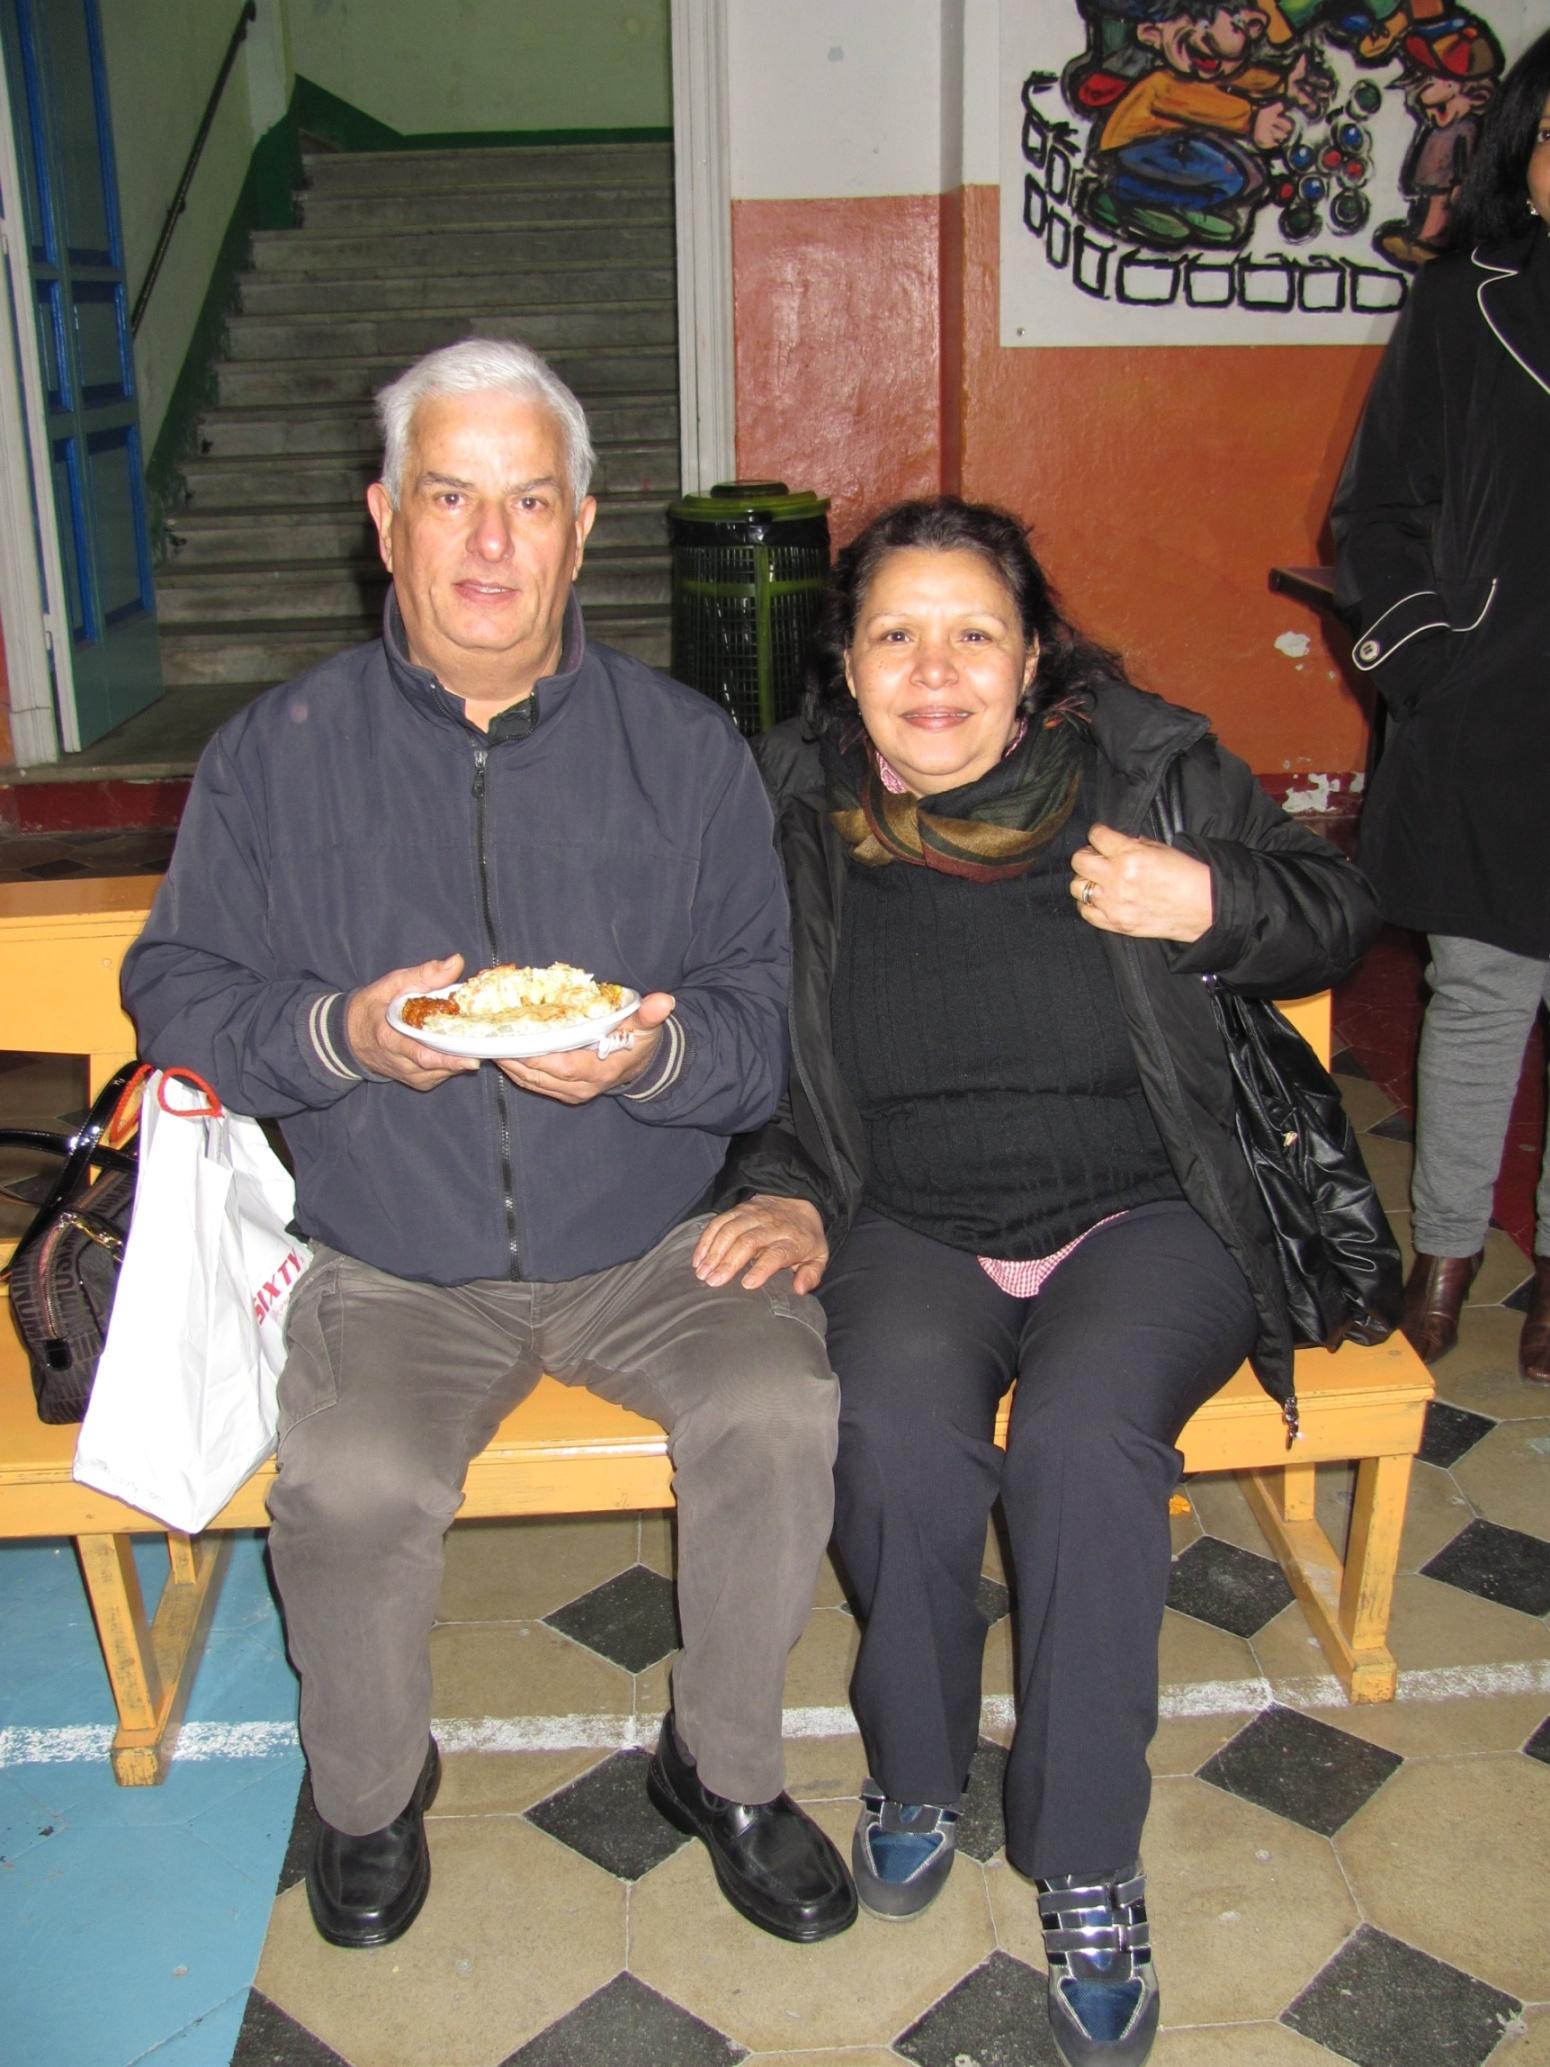 dominicani_2011-02-27-18-45-29